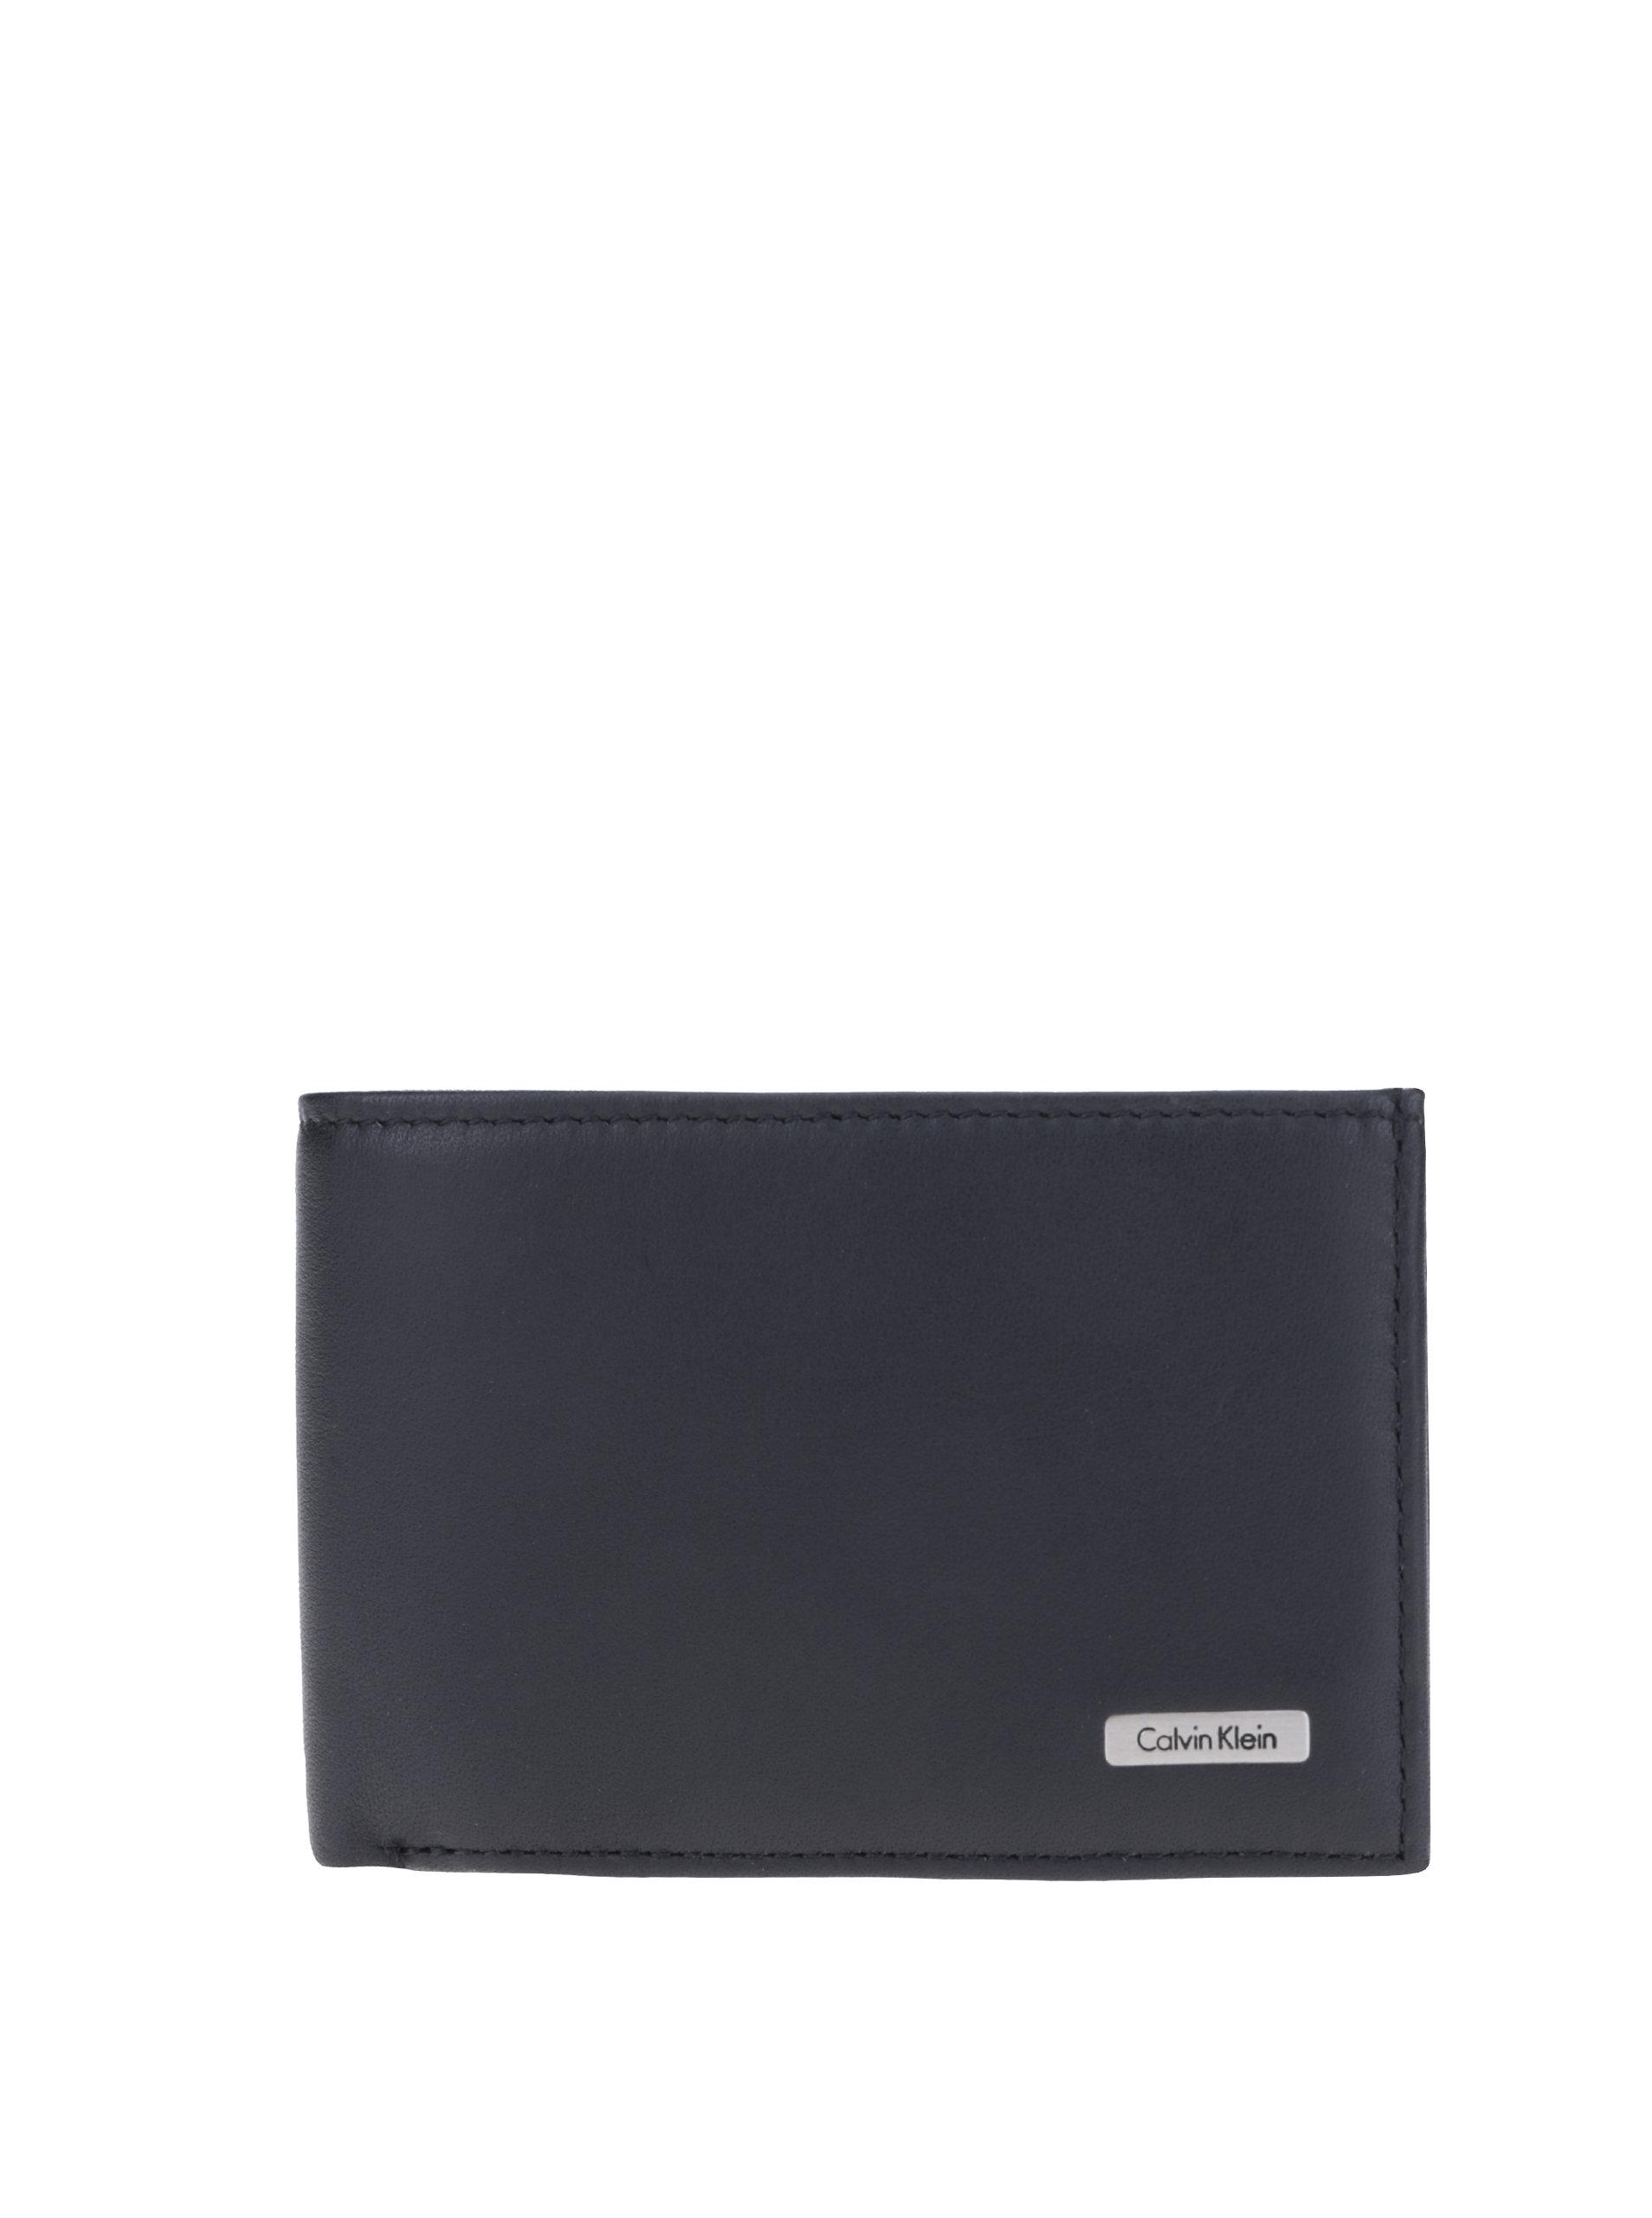 096c0f90bc Čierna pánska kožená peňaženka Calvin Klein Jeans ...